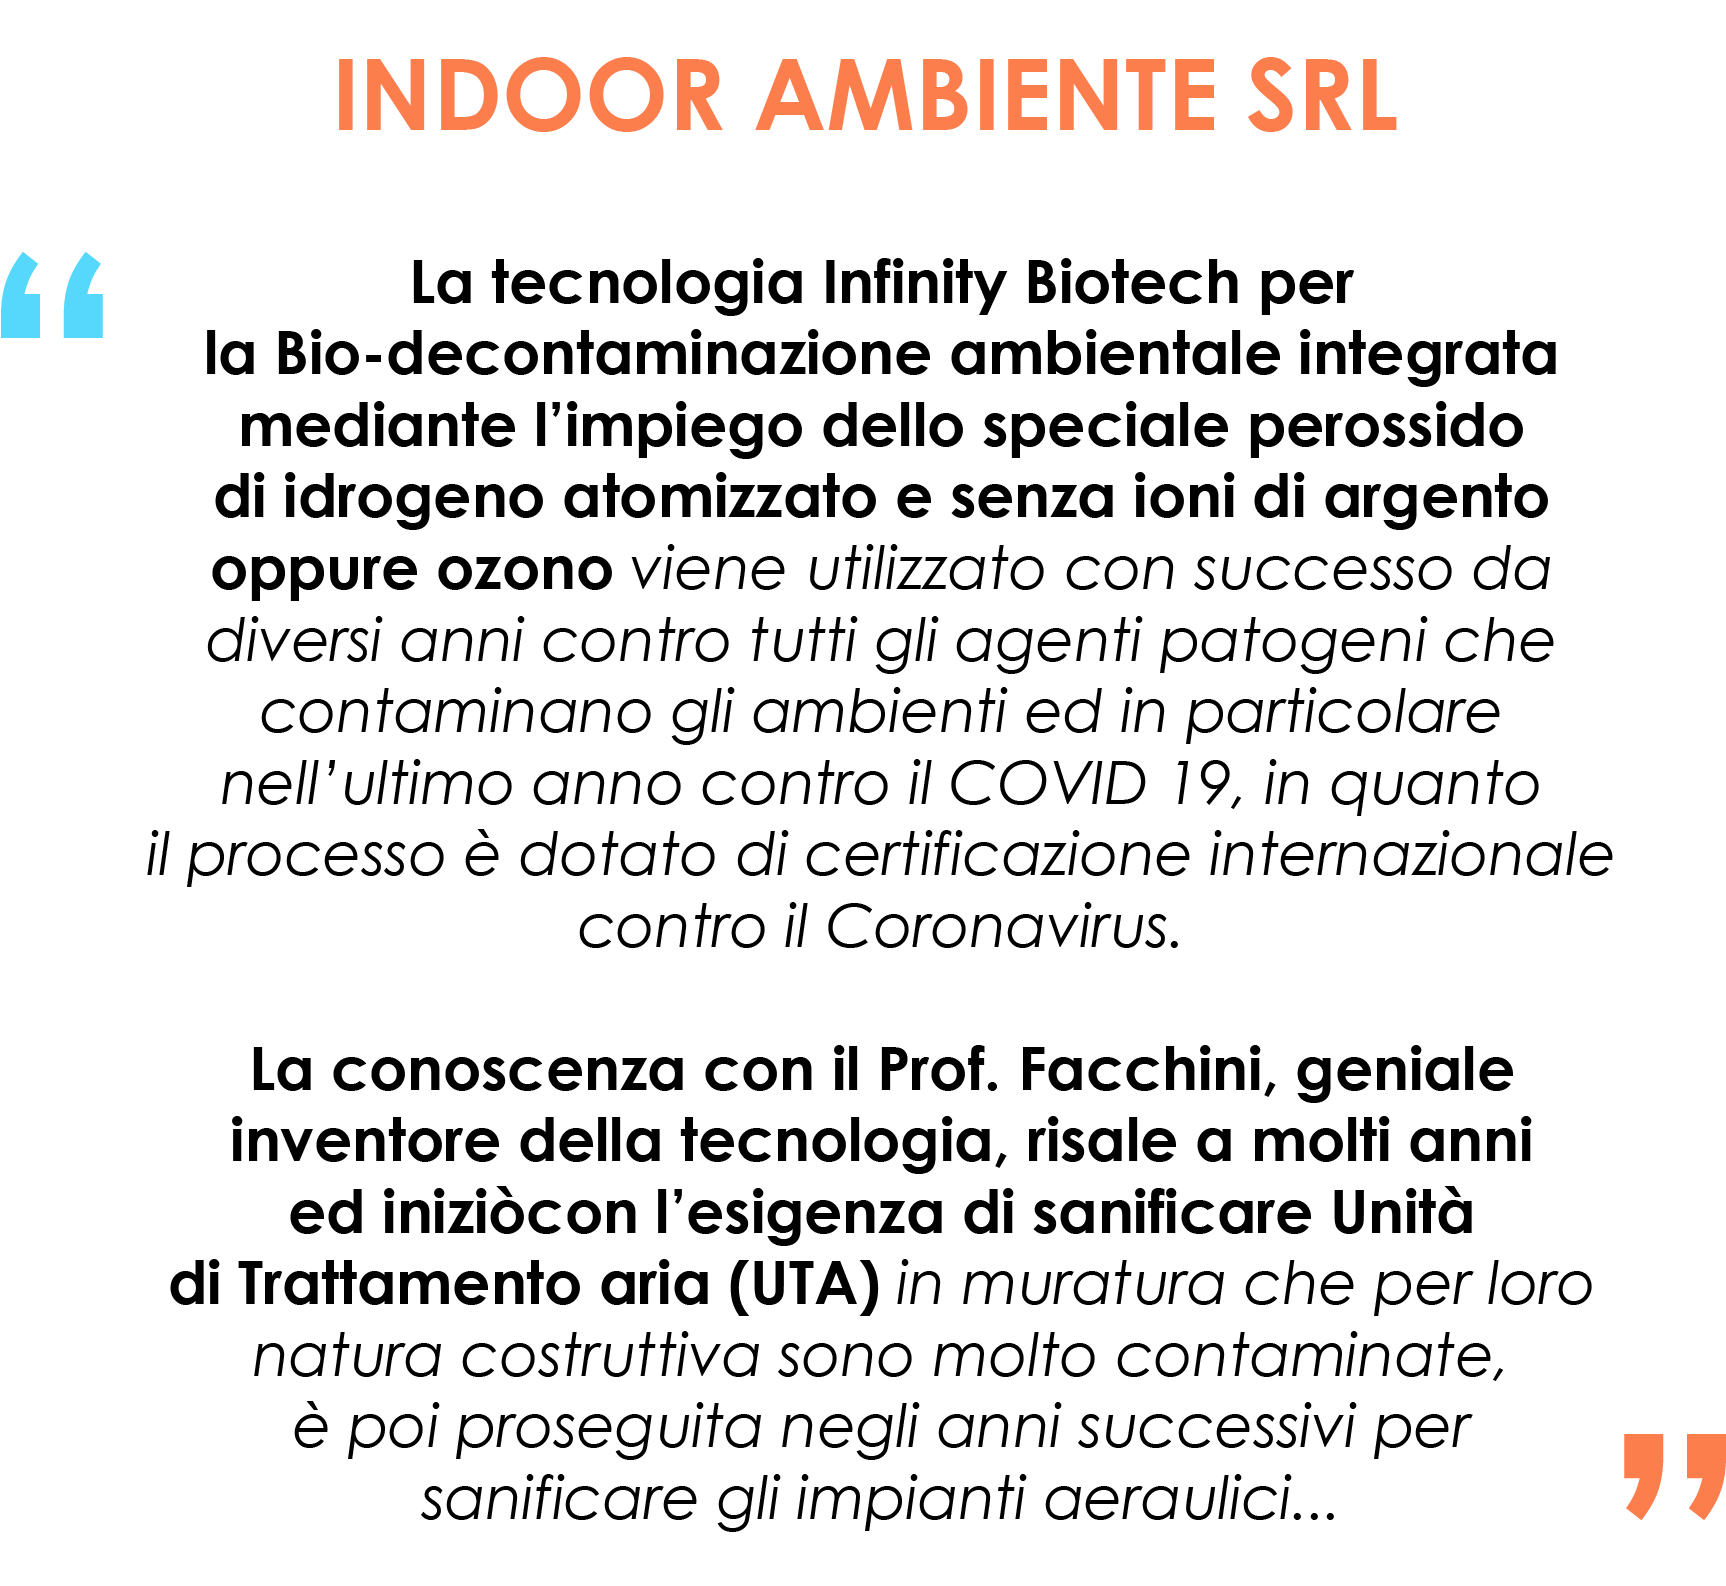 INDOOR AMBIENTE SRL copia